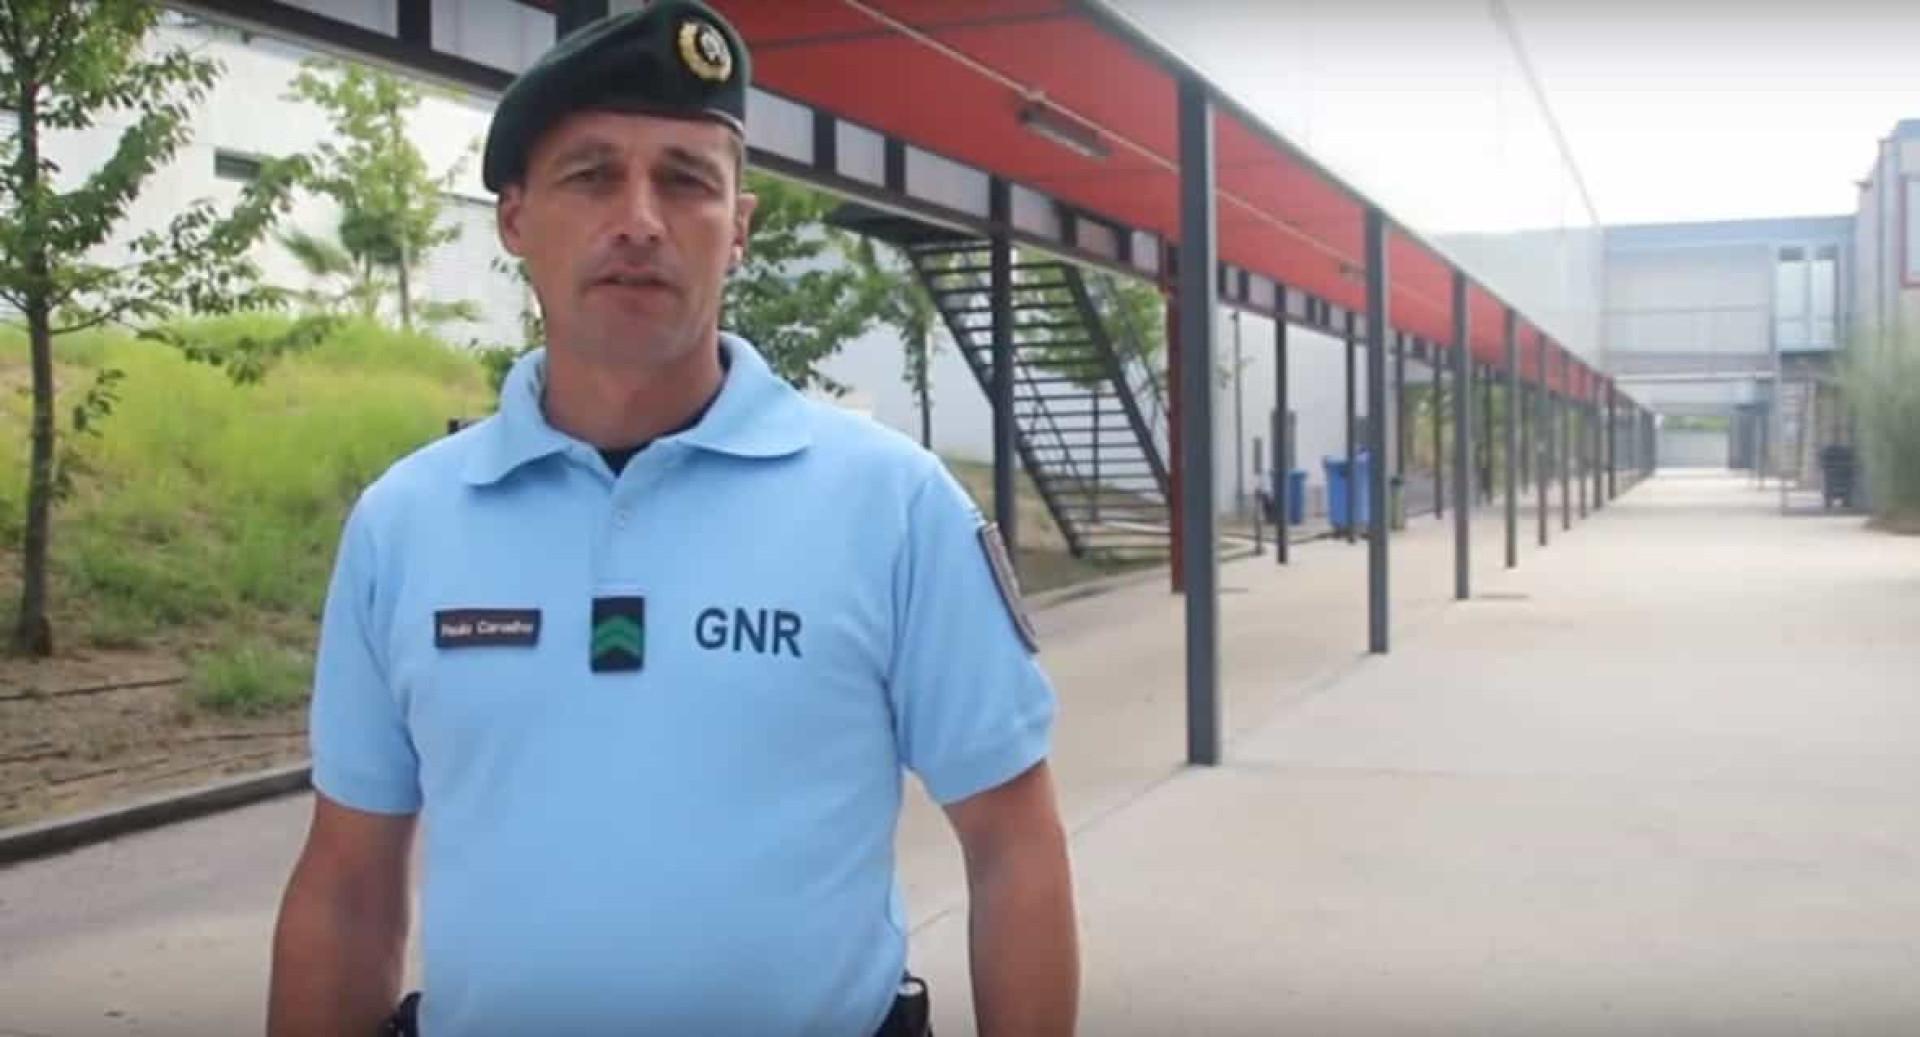 GNR deseja (em vídeo) um bom ano letivo e em segurança